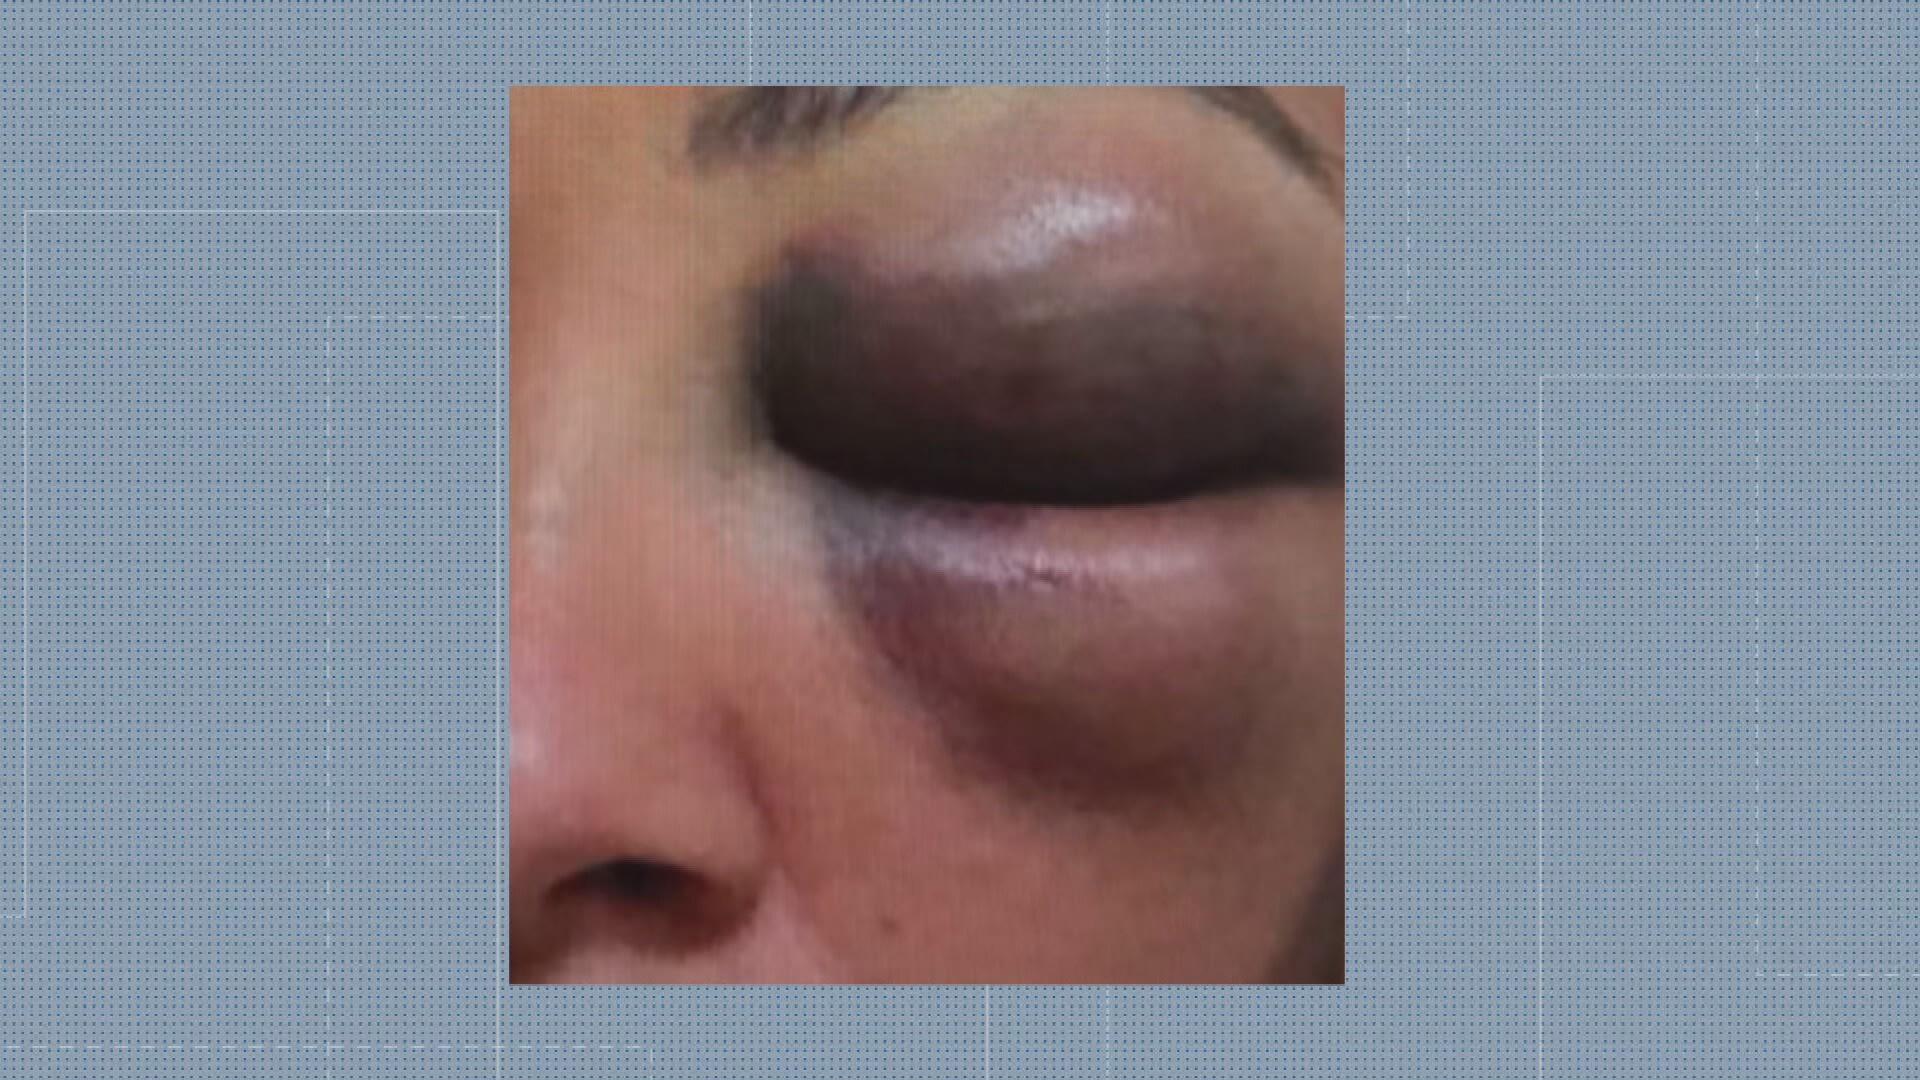 Lutador de artes marciais é preso por suspeita de agredir ex-namorada